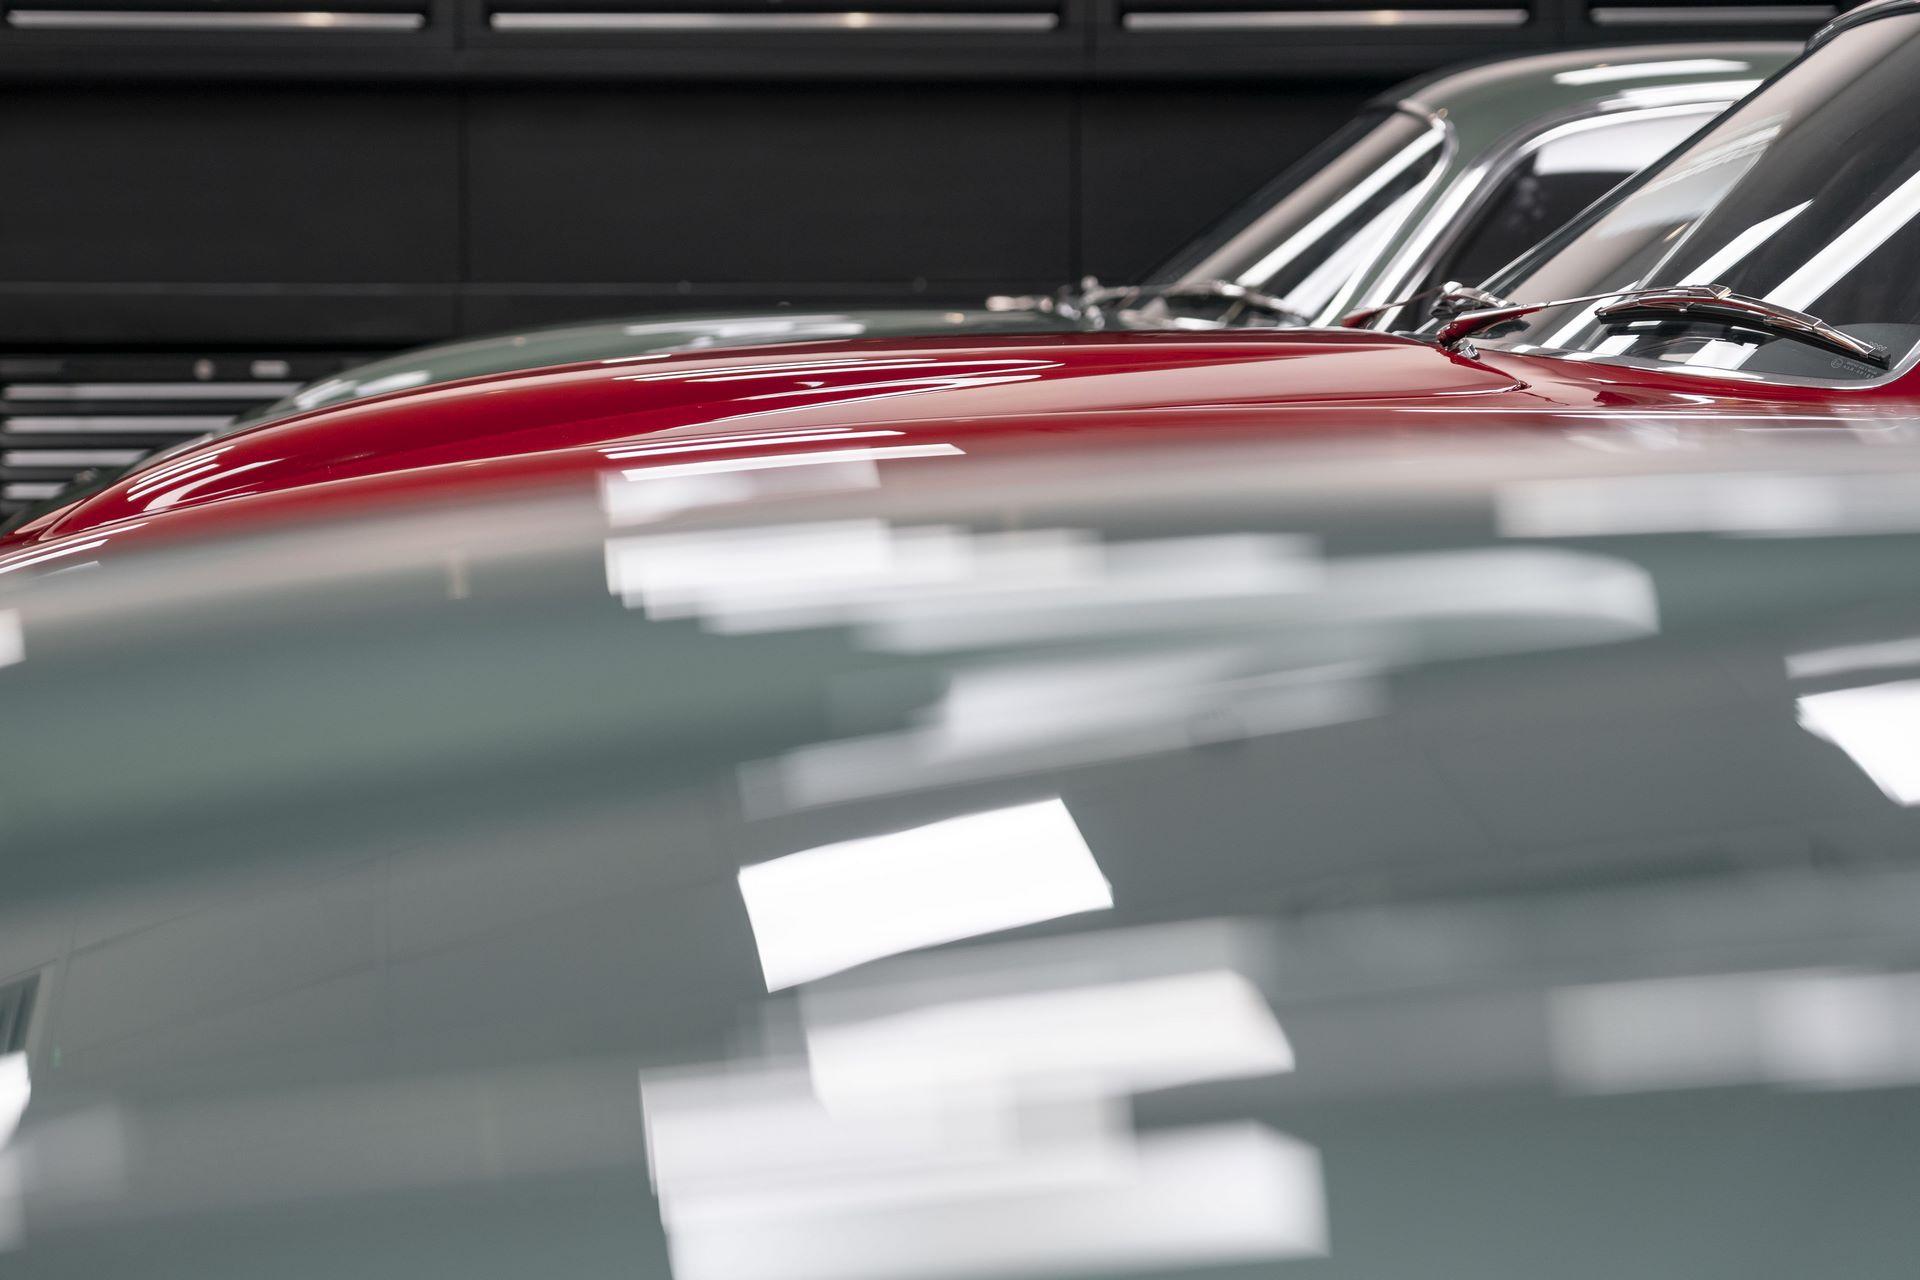 Aston-Martin-DB4-GT-Zagato-Continuation-first-delivery-5